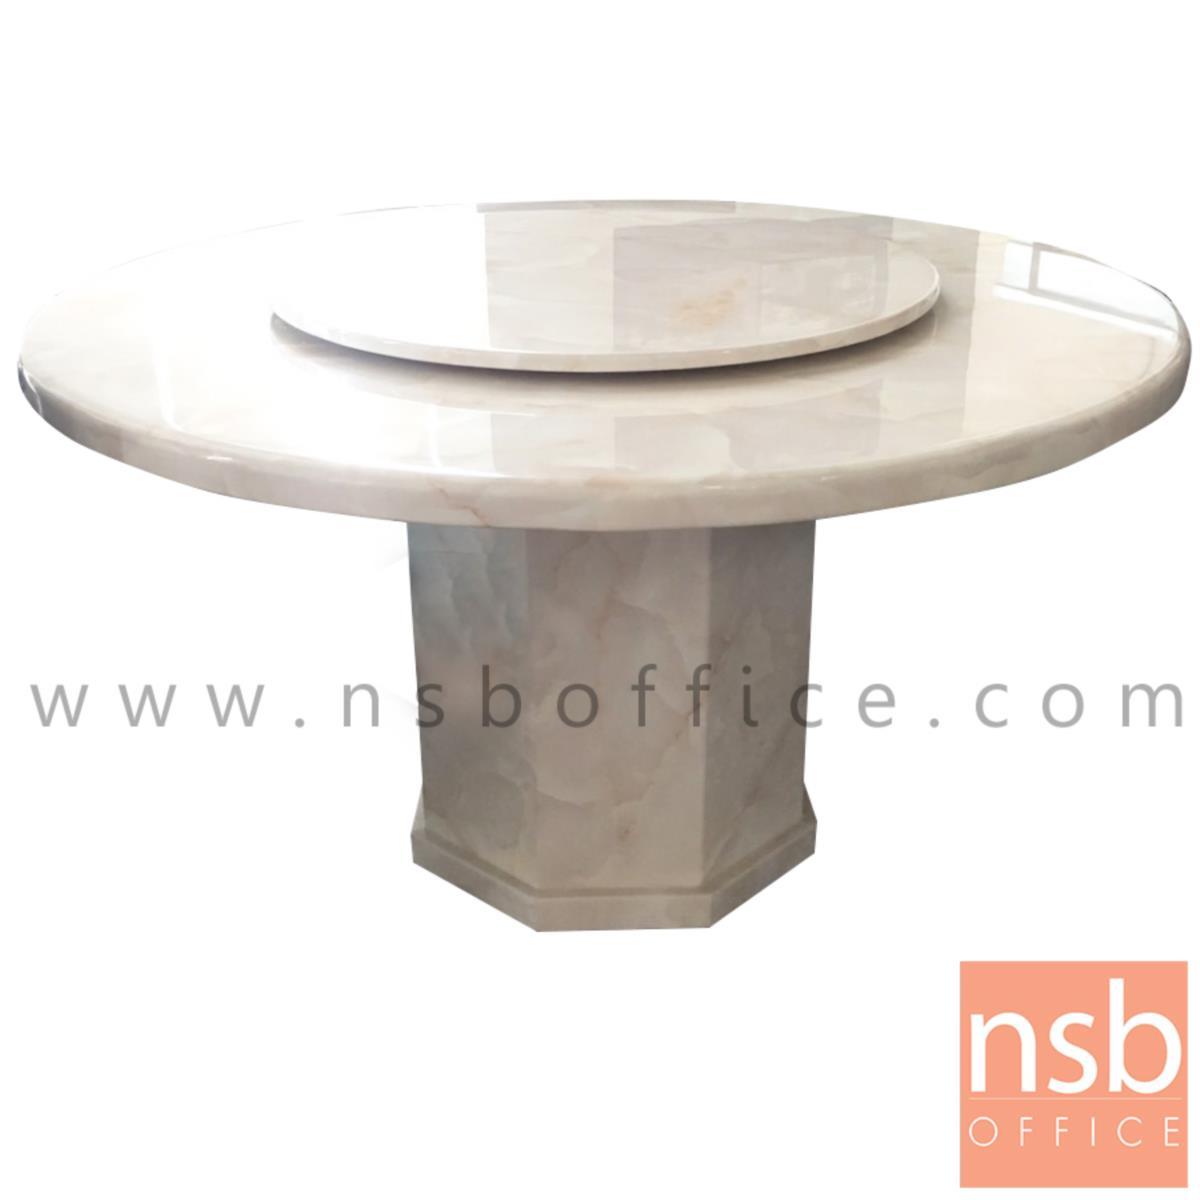 G14A153:โต๊ะรับประทานอาหารหน้าหินอ่อน รุ่น ID-801  ฐานกลมเหลี่ยม